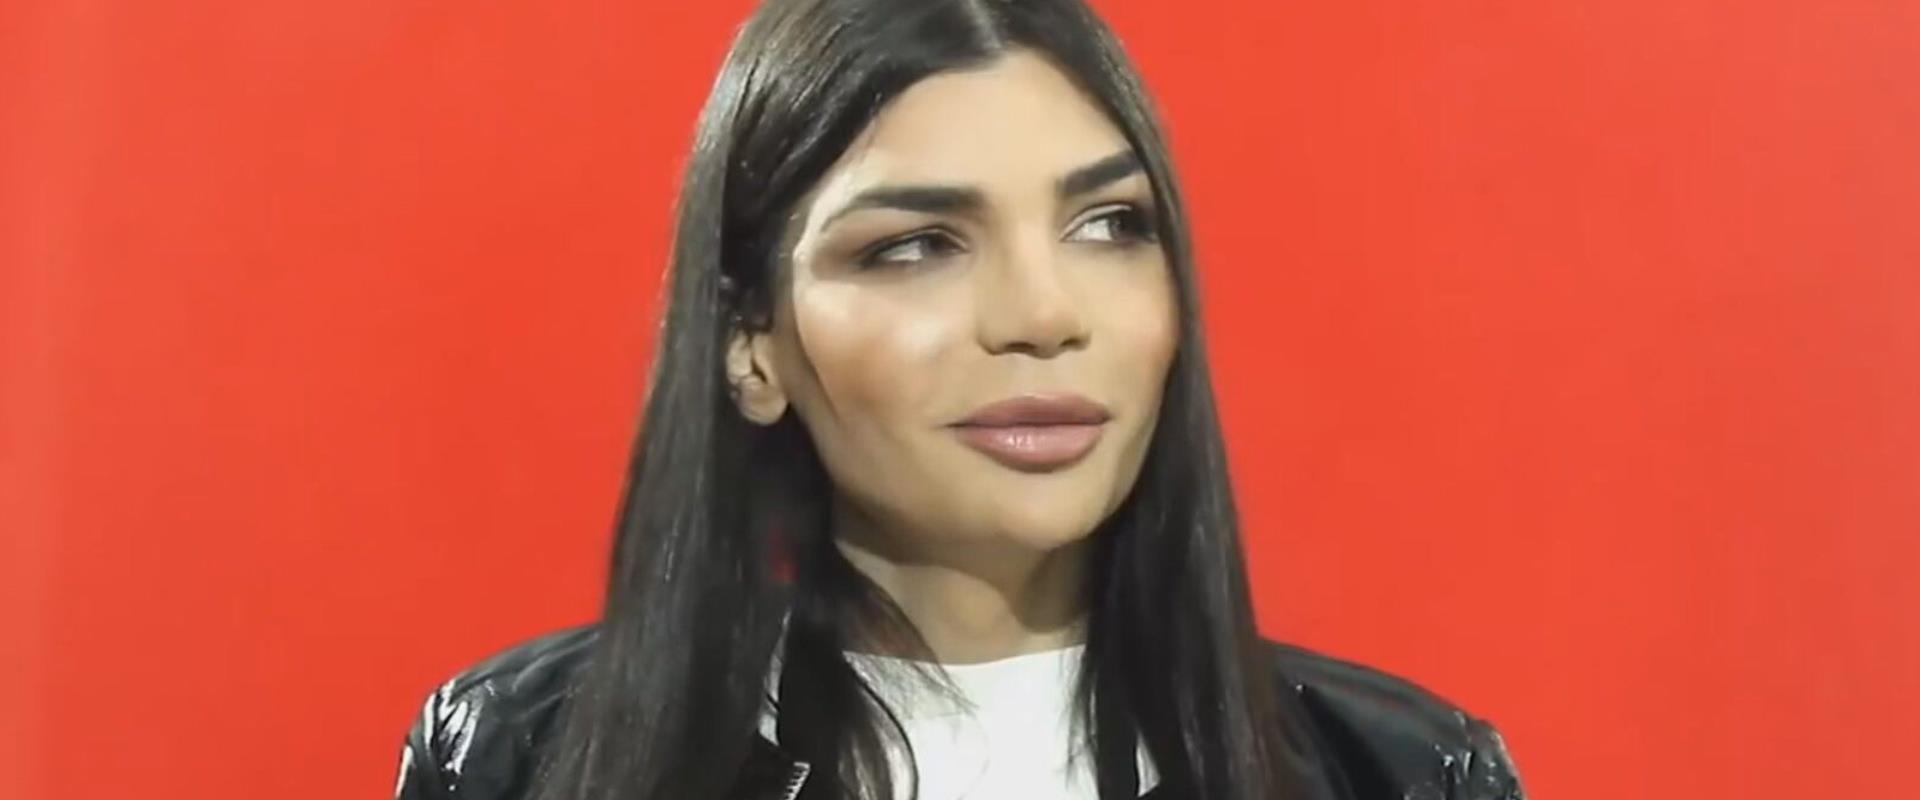 ג'ואל בדר, שחקנית טרנסג'נדרית לבנונית